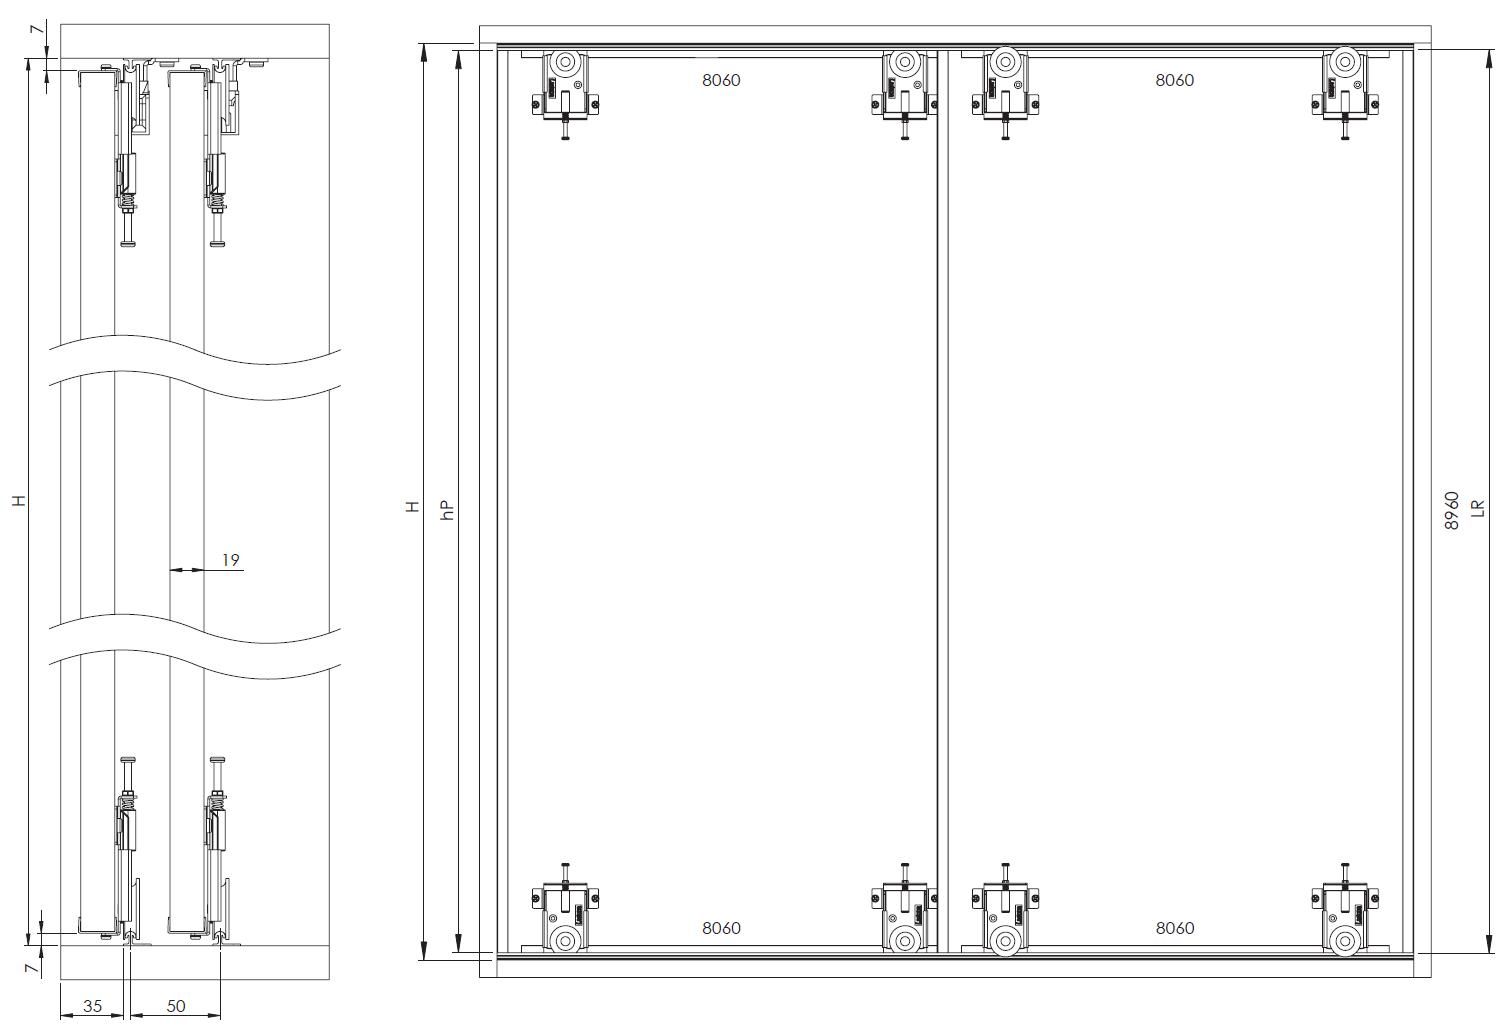 Montageskizze für MSB-Komfort mit Rahmentyp D | Aluminium-Schiebetür-Bausatz Bodensystem für Möbeltüren im Korpus